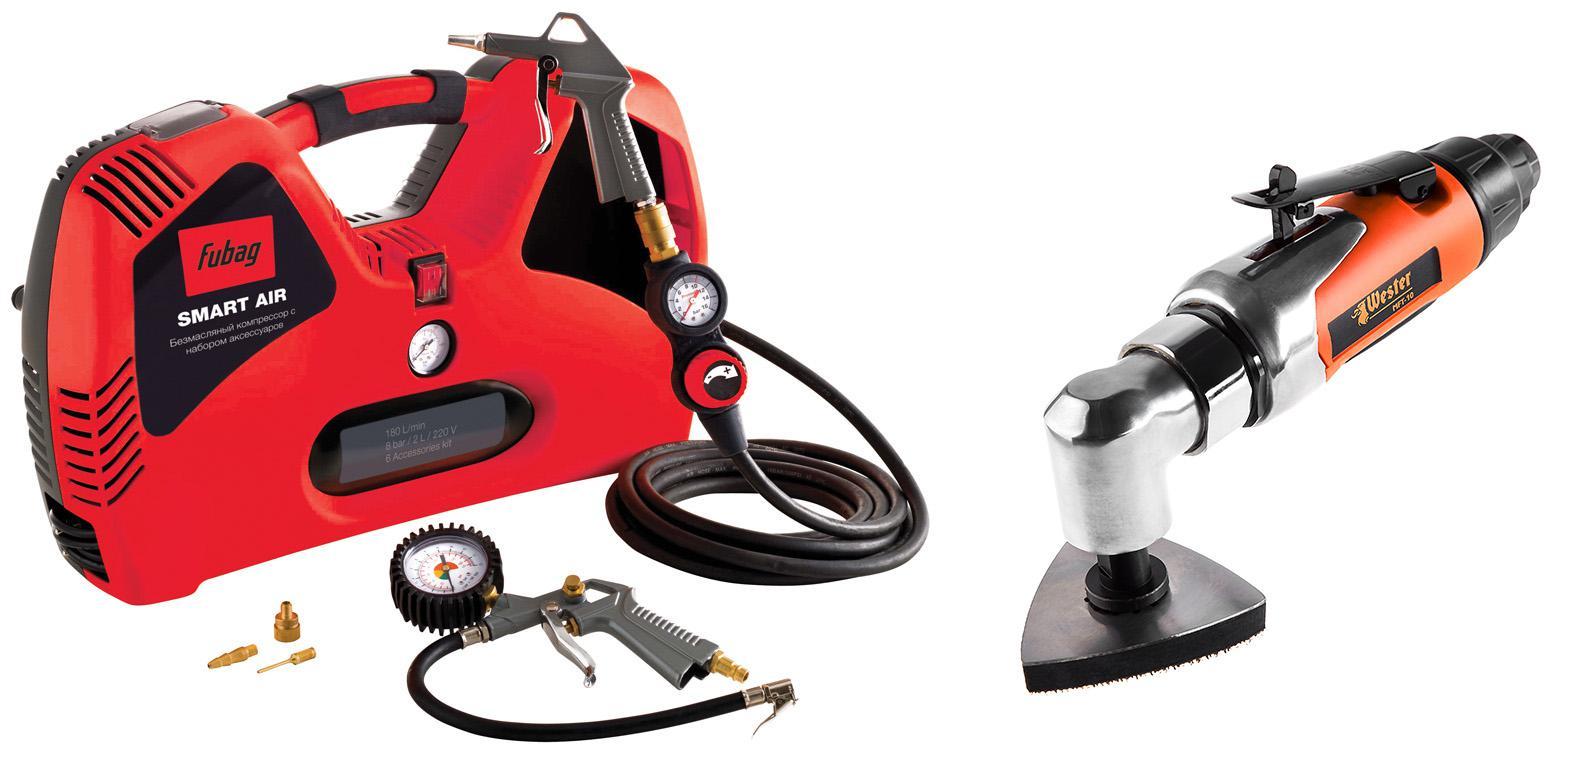 Набор Fubag Компрессор smart air +Инструмент многофункциональный mft-10 цены